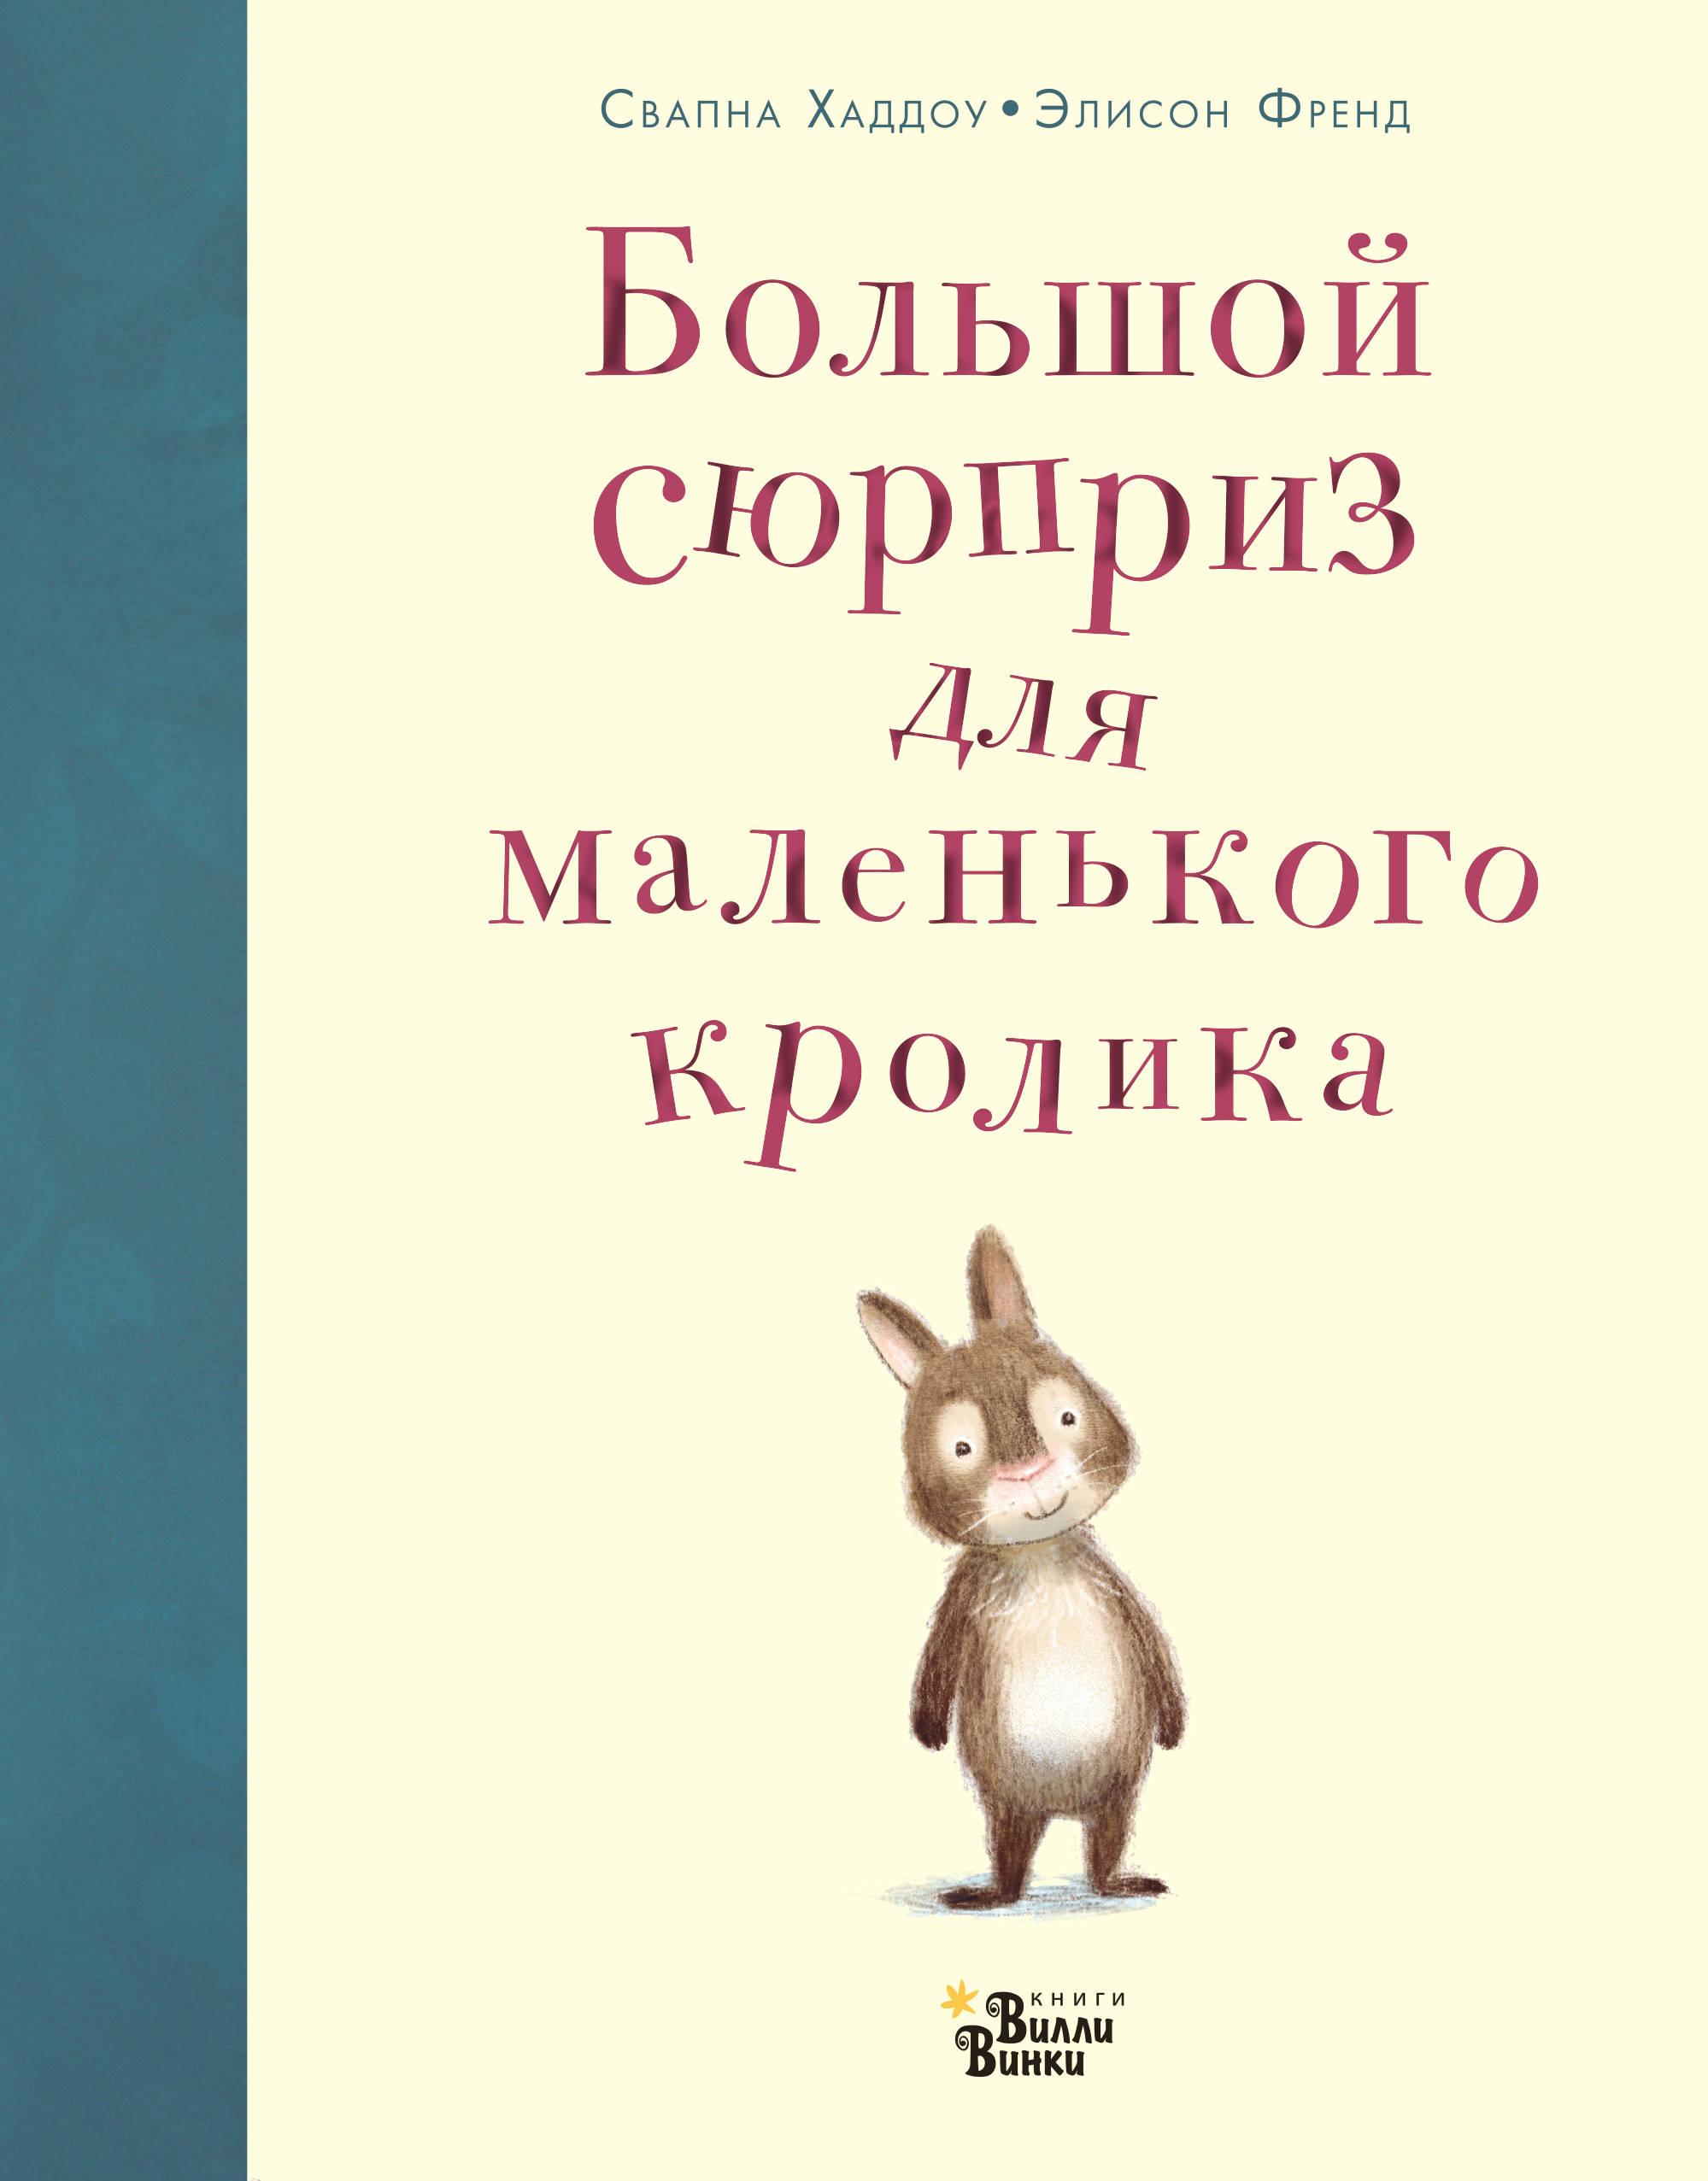 Купить со скидкой Большой сюрприз для маленького кролика